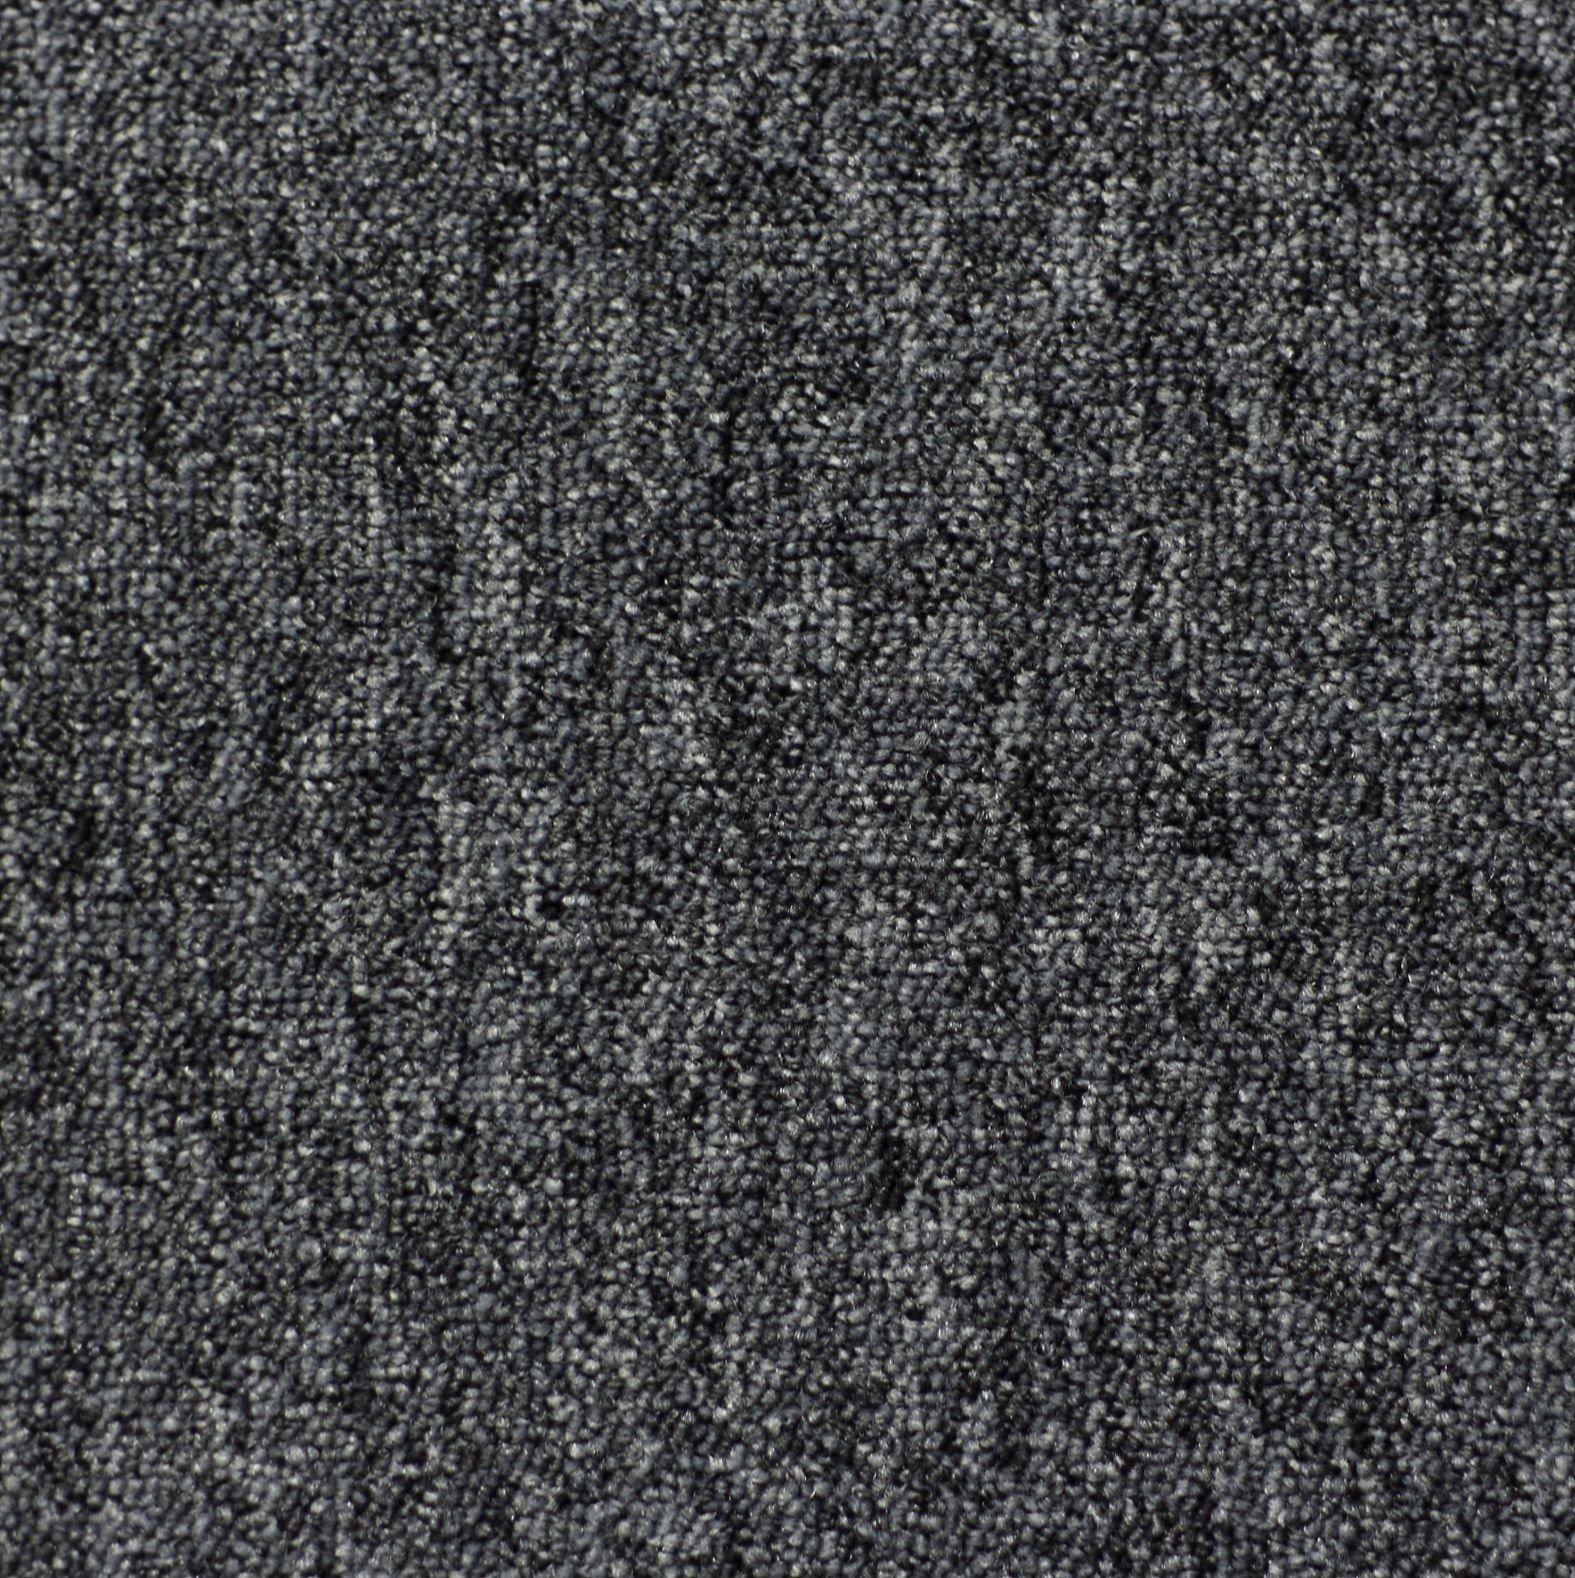 Ковровая Плитка Everest (Эверест) 76 Серо-черный